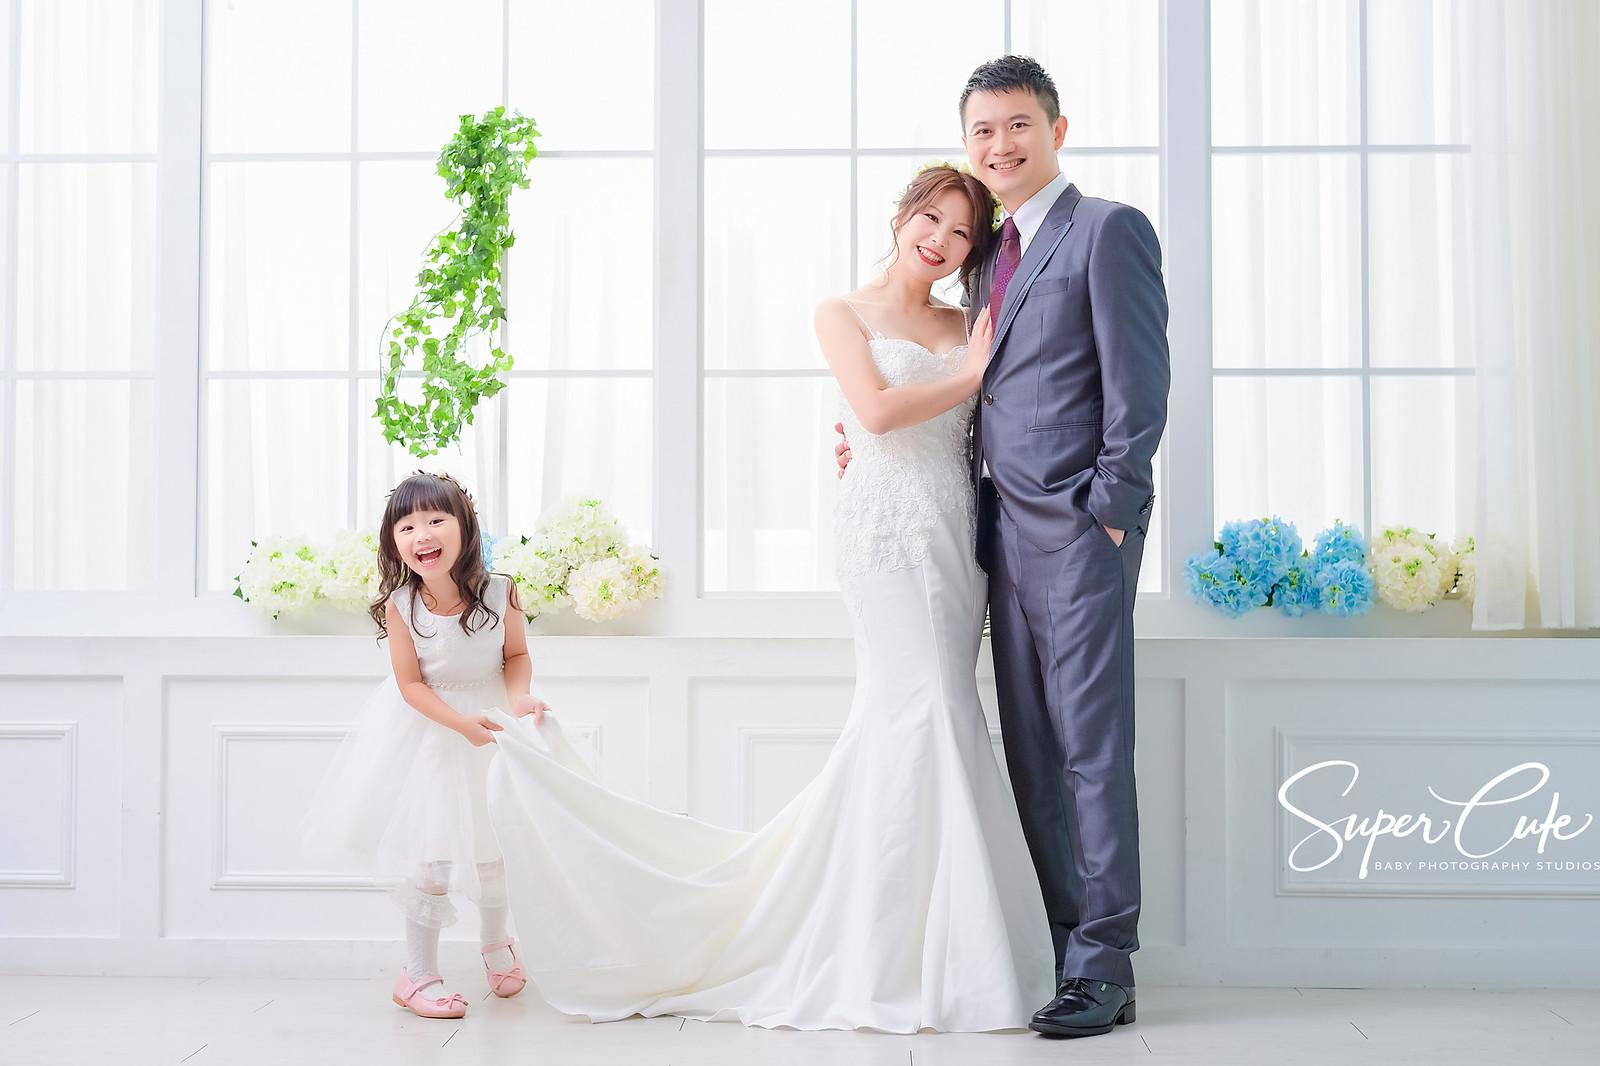 親子寫真,親子婚紗,兒童寫真,婚紗禮服